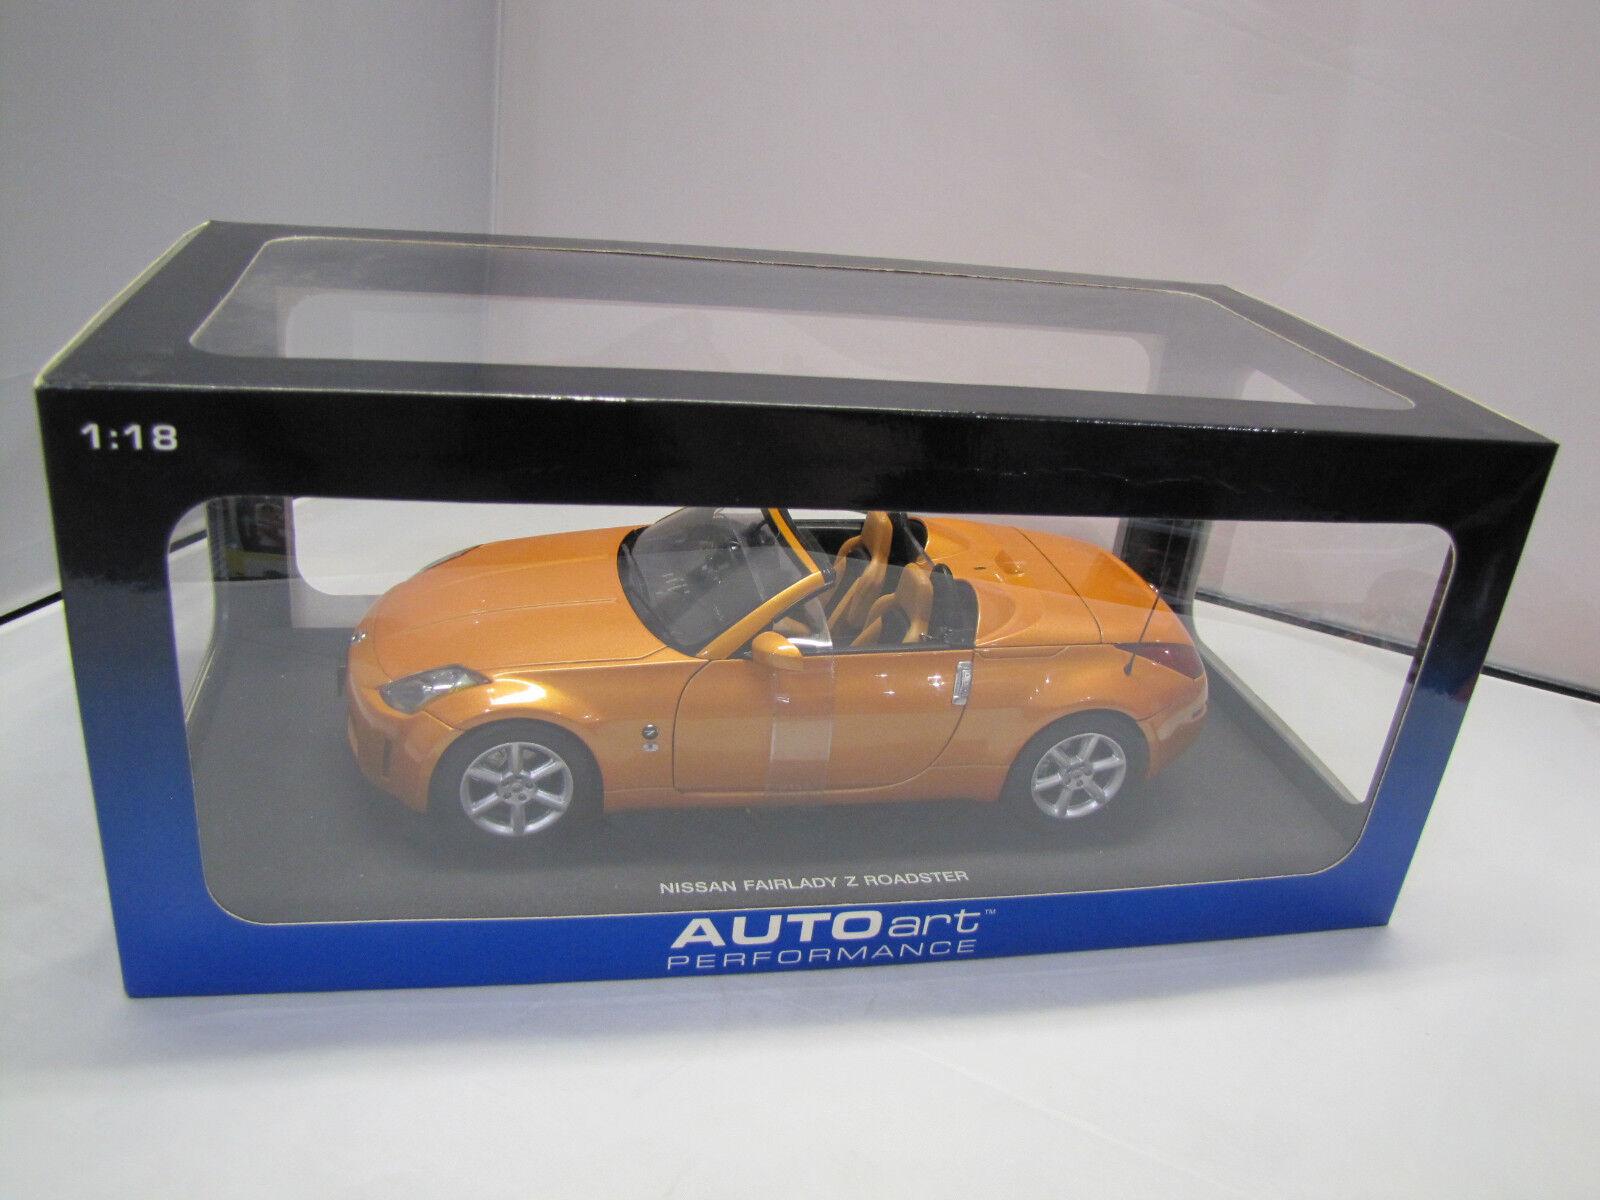 prezzo all'ingrosso 77377 Autoart Autoart Autoart NISSAN Fairlady Z stradaster (sunset arancia) - 1 18  risparmia il 60% di sconto e la spedizione veloce in tutto il mondo